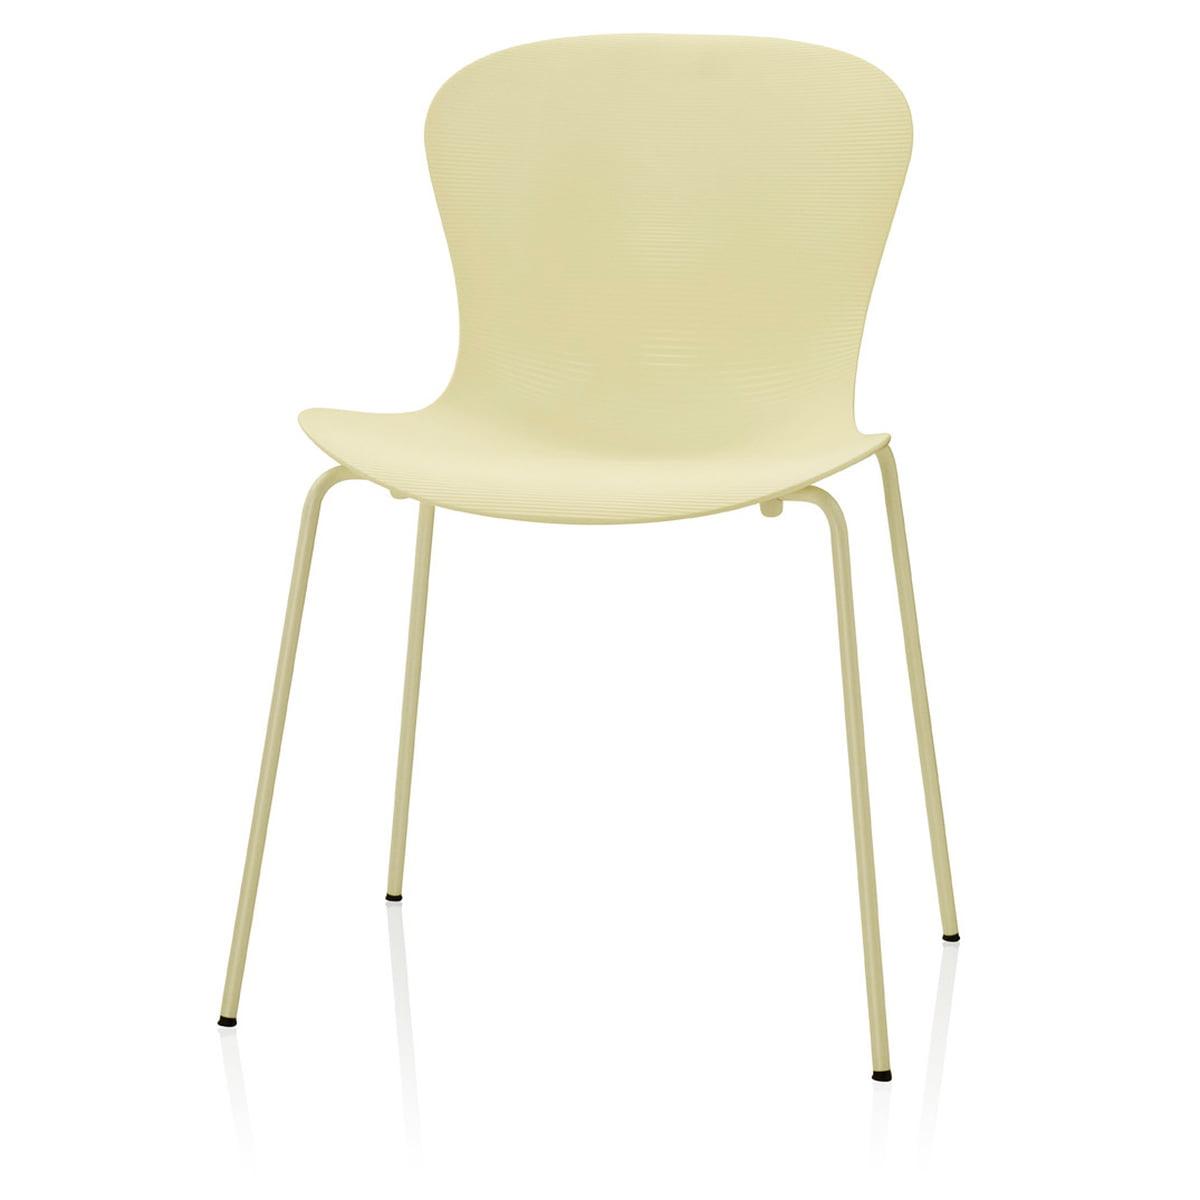 nap stuhl ks50 fritz hansen shop. Black Bedroom Furniture Sets. Home Design Ideas